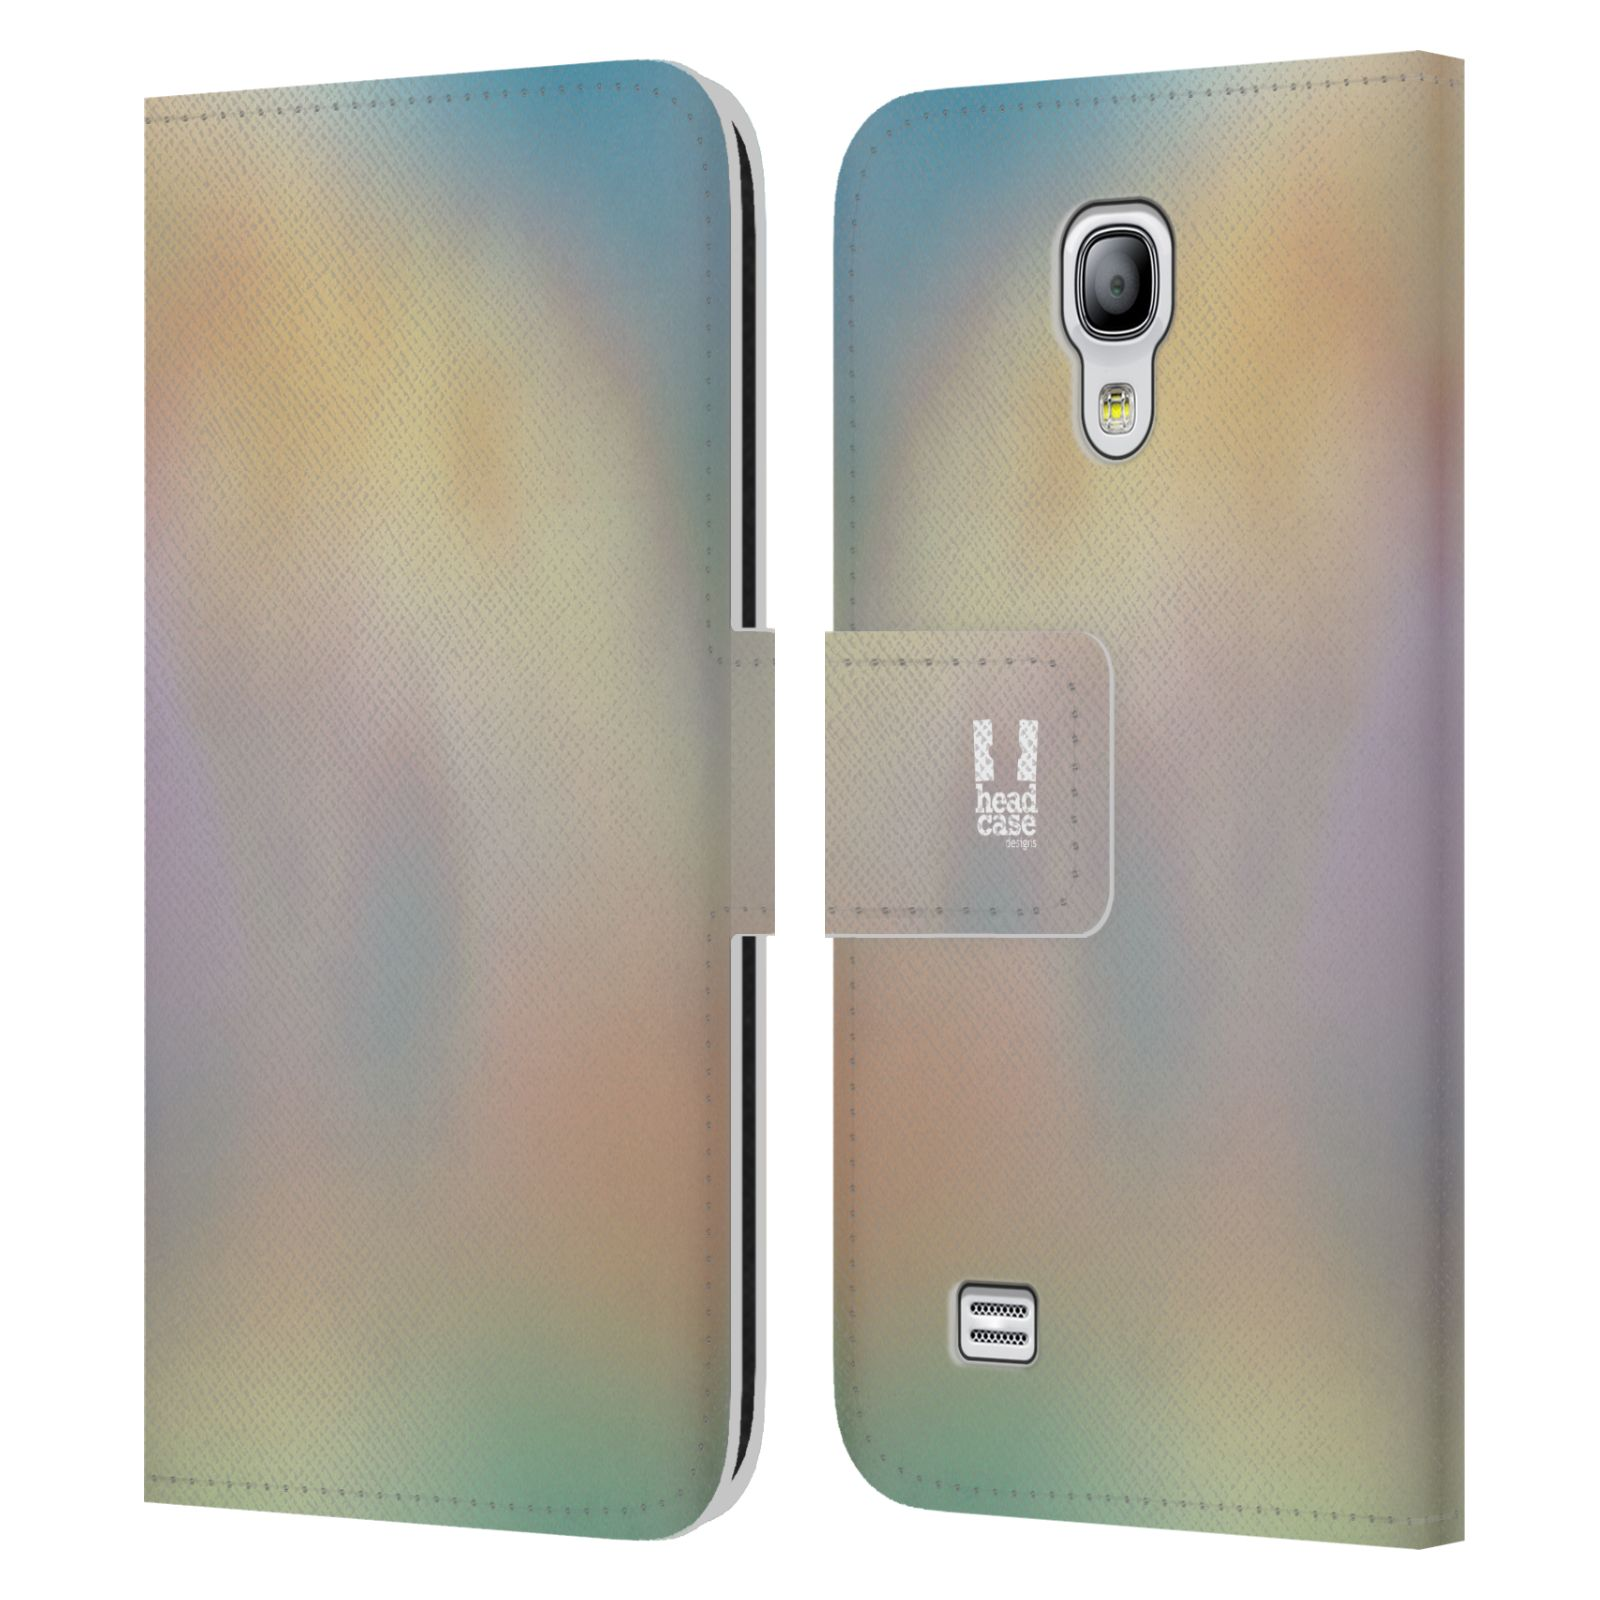 HEAD CASE Flipové pouzdro pro mobil Samsung Galaxy S4 MINI / S4 MINI DUOS AQUAREL barvy CHILL